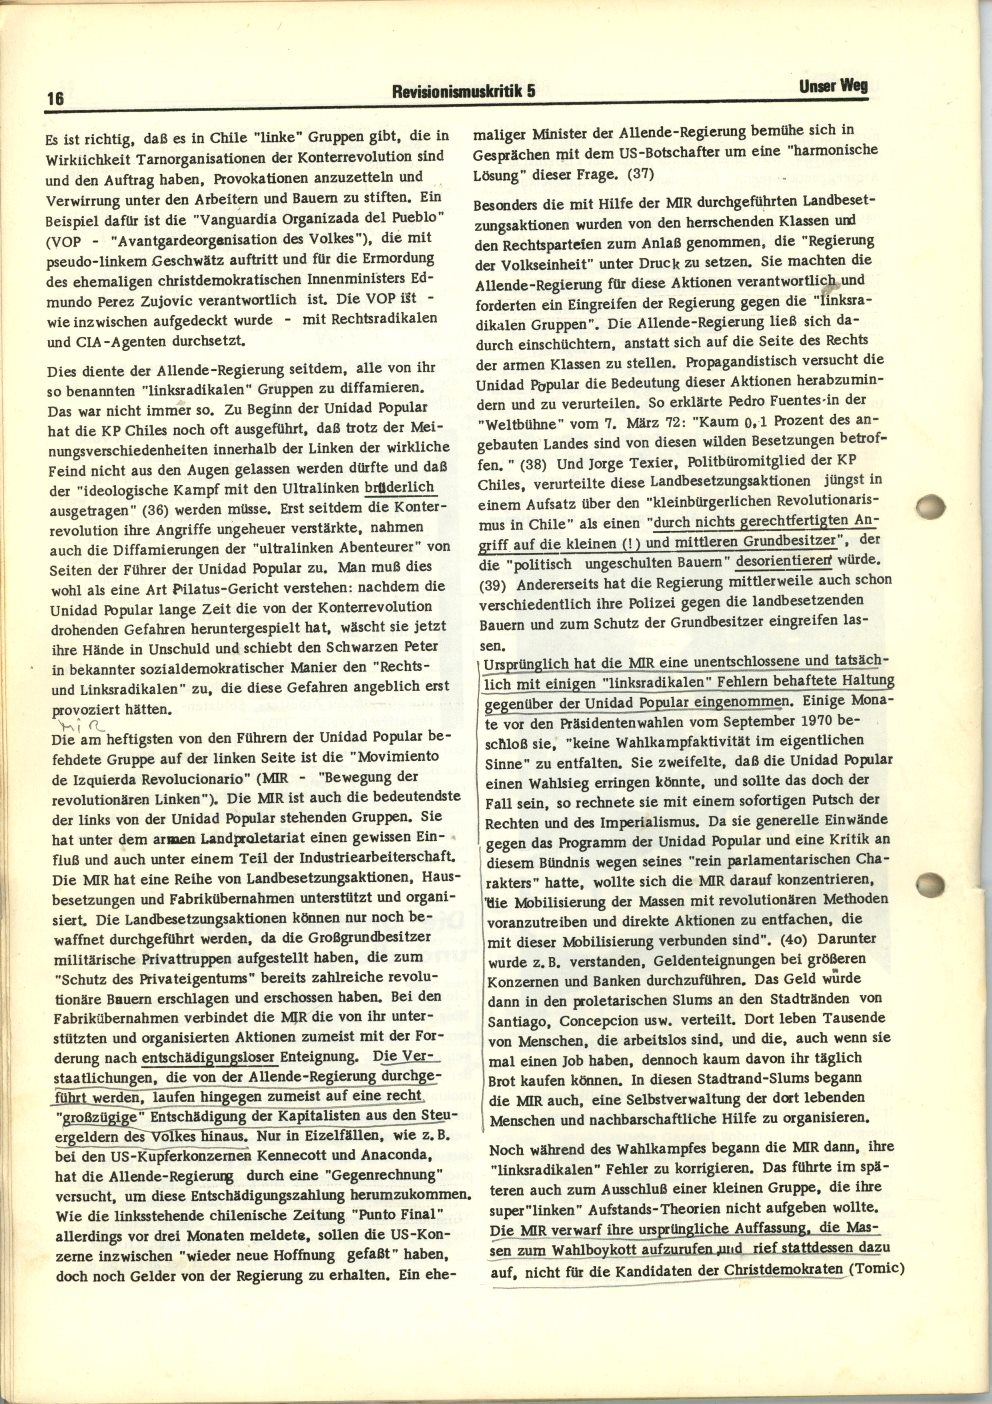 KB_Unser_Weg_1972_Chile_18